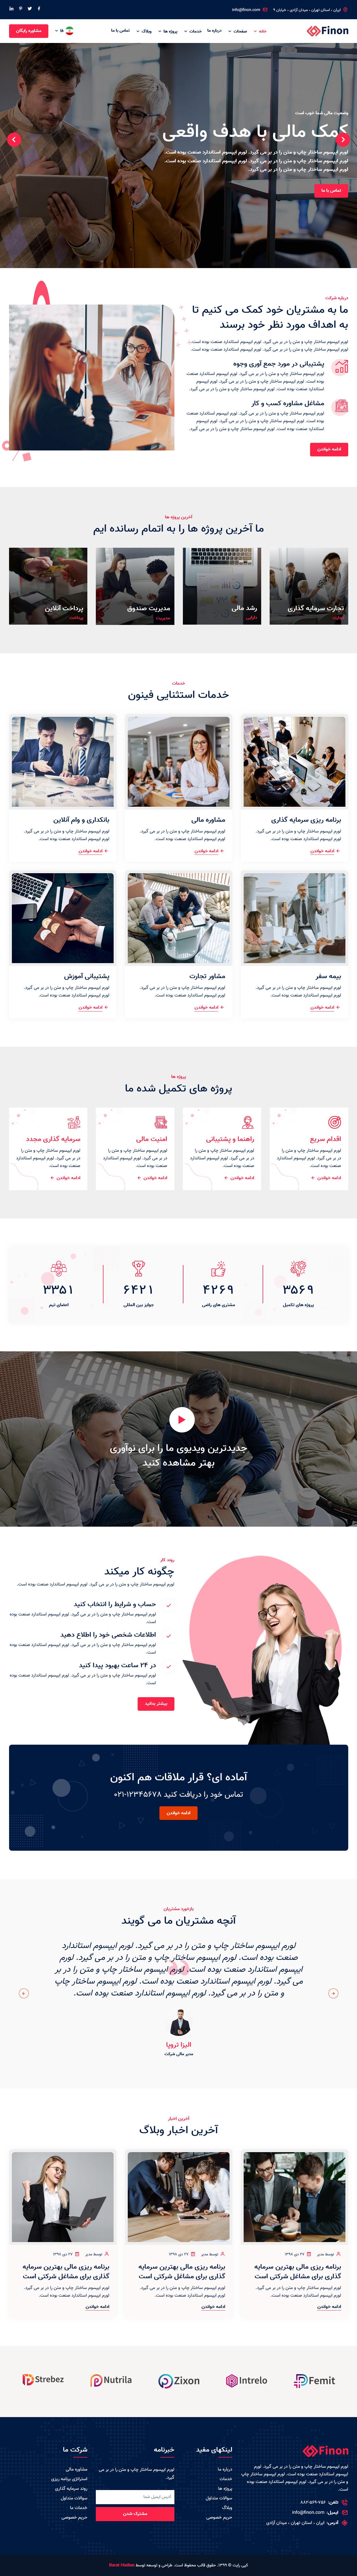 قالب Finon، قالب HTML شرکتی امور مالی و سرمایه گذاری فینون